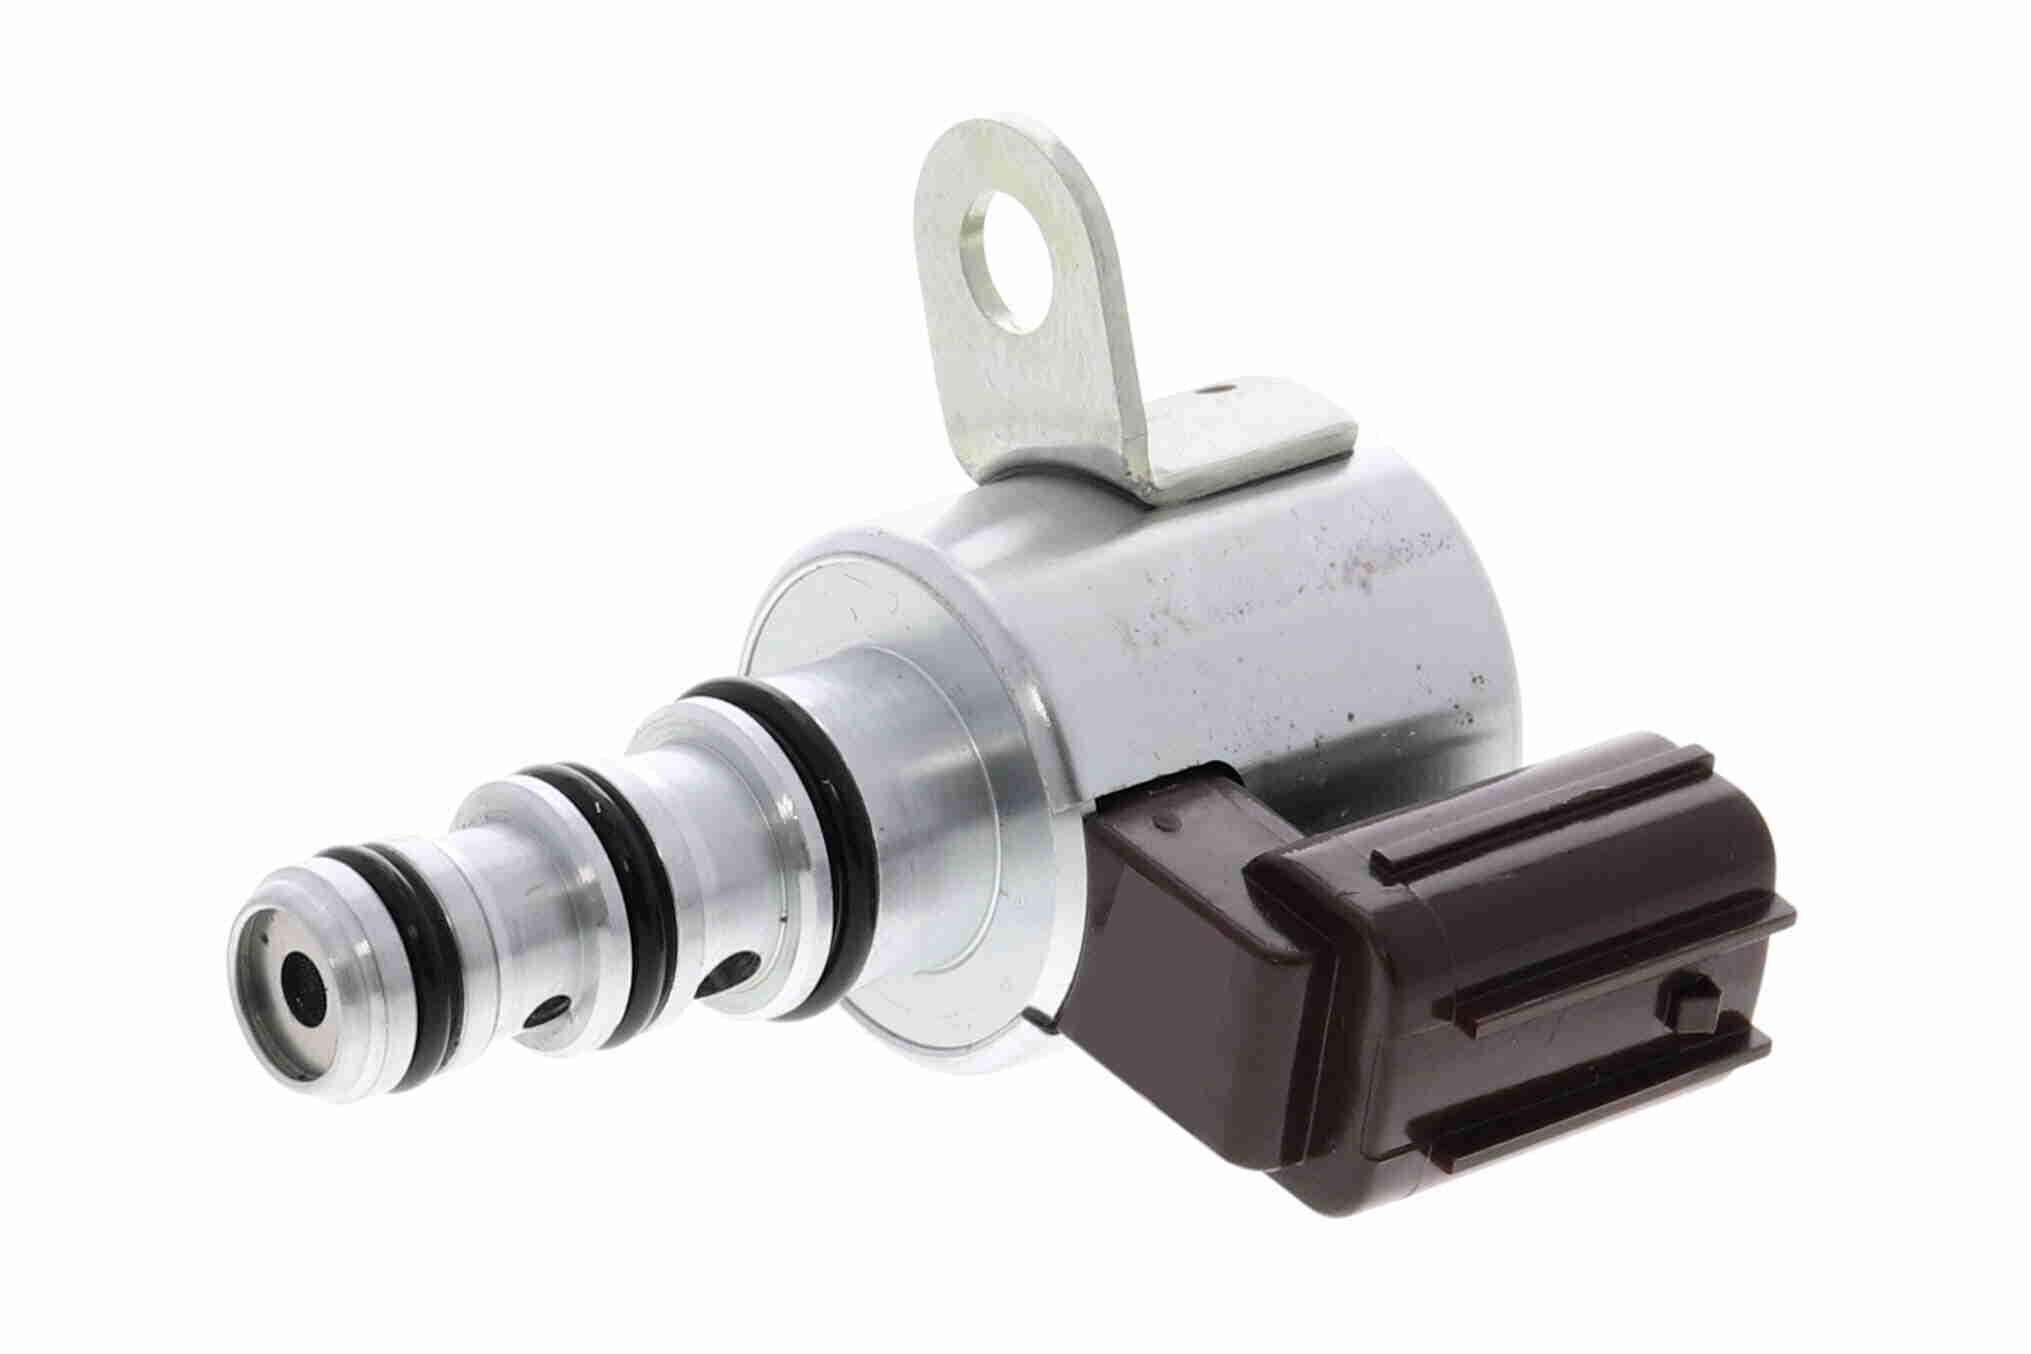 HONDA STREAM 2018 Schaltventil, Automatikgetriebe - Original ACKOJA A26-77-0013